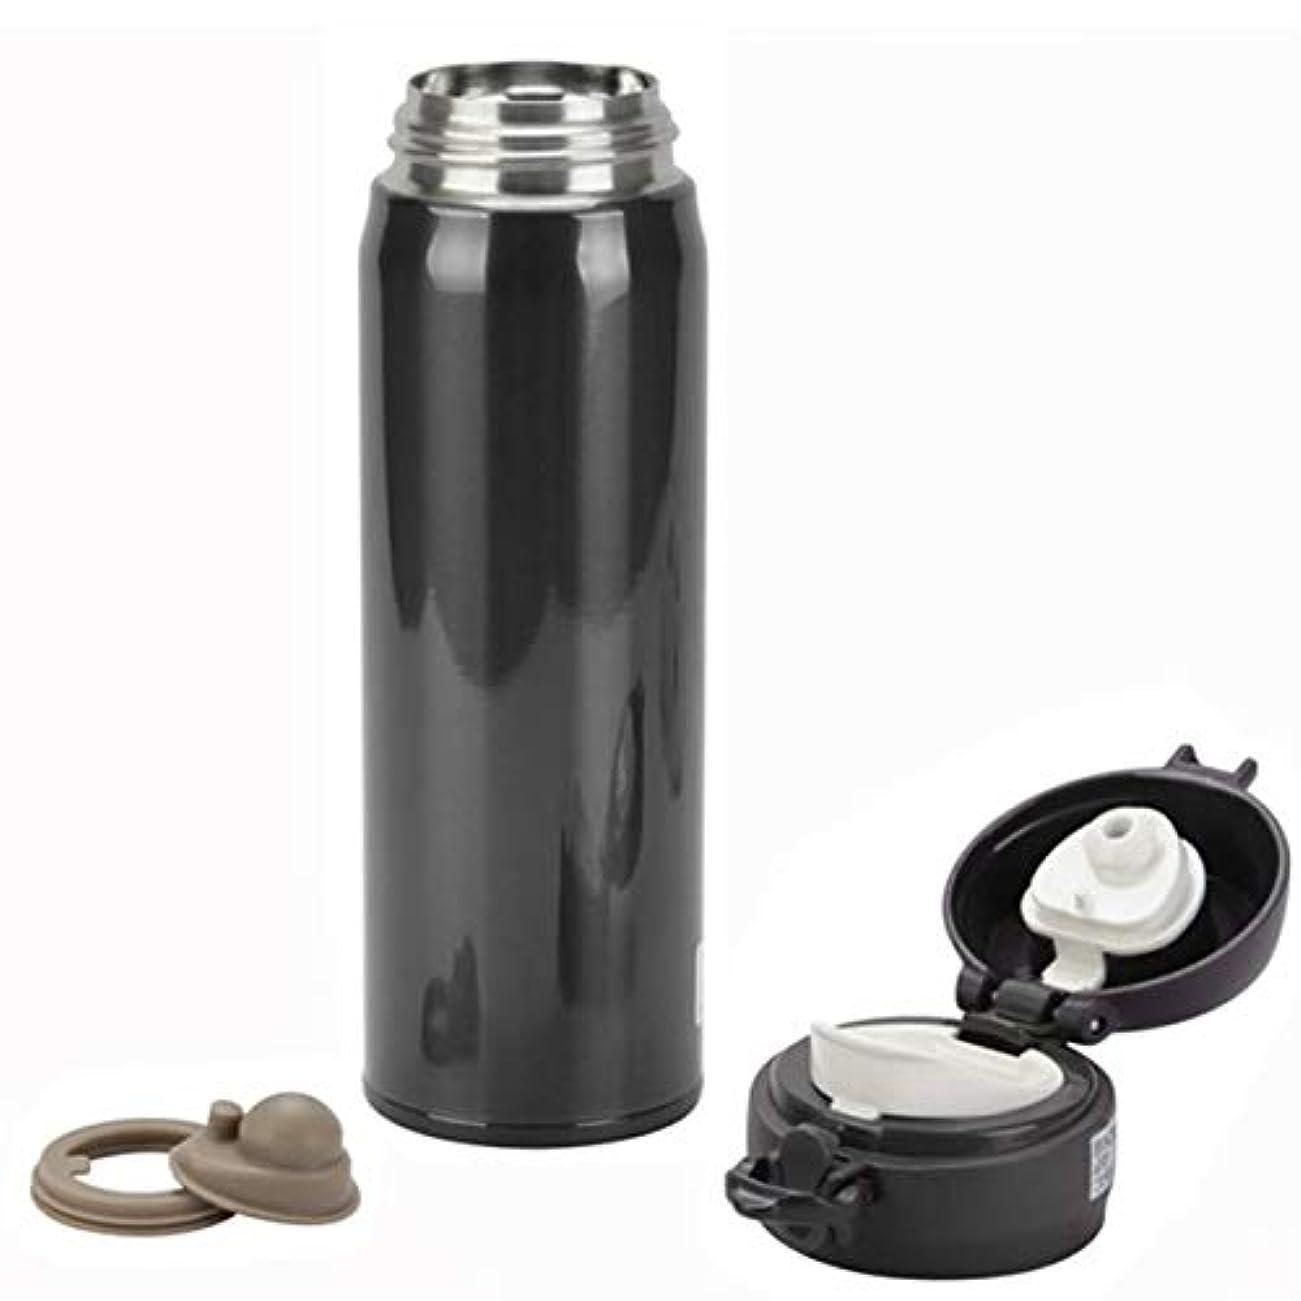 道を作る懲らしめ国歌Saikogoods 真空カップ 450ミリリットル ステンレス鋼 ウォーターボトル 飲料ボトル 断熱カップ ポットを保つ運動をする ソリッドカラー シンプルなデザイン 黒